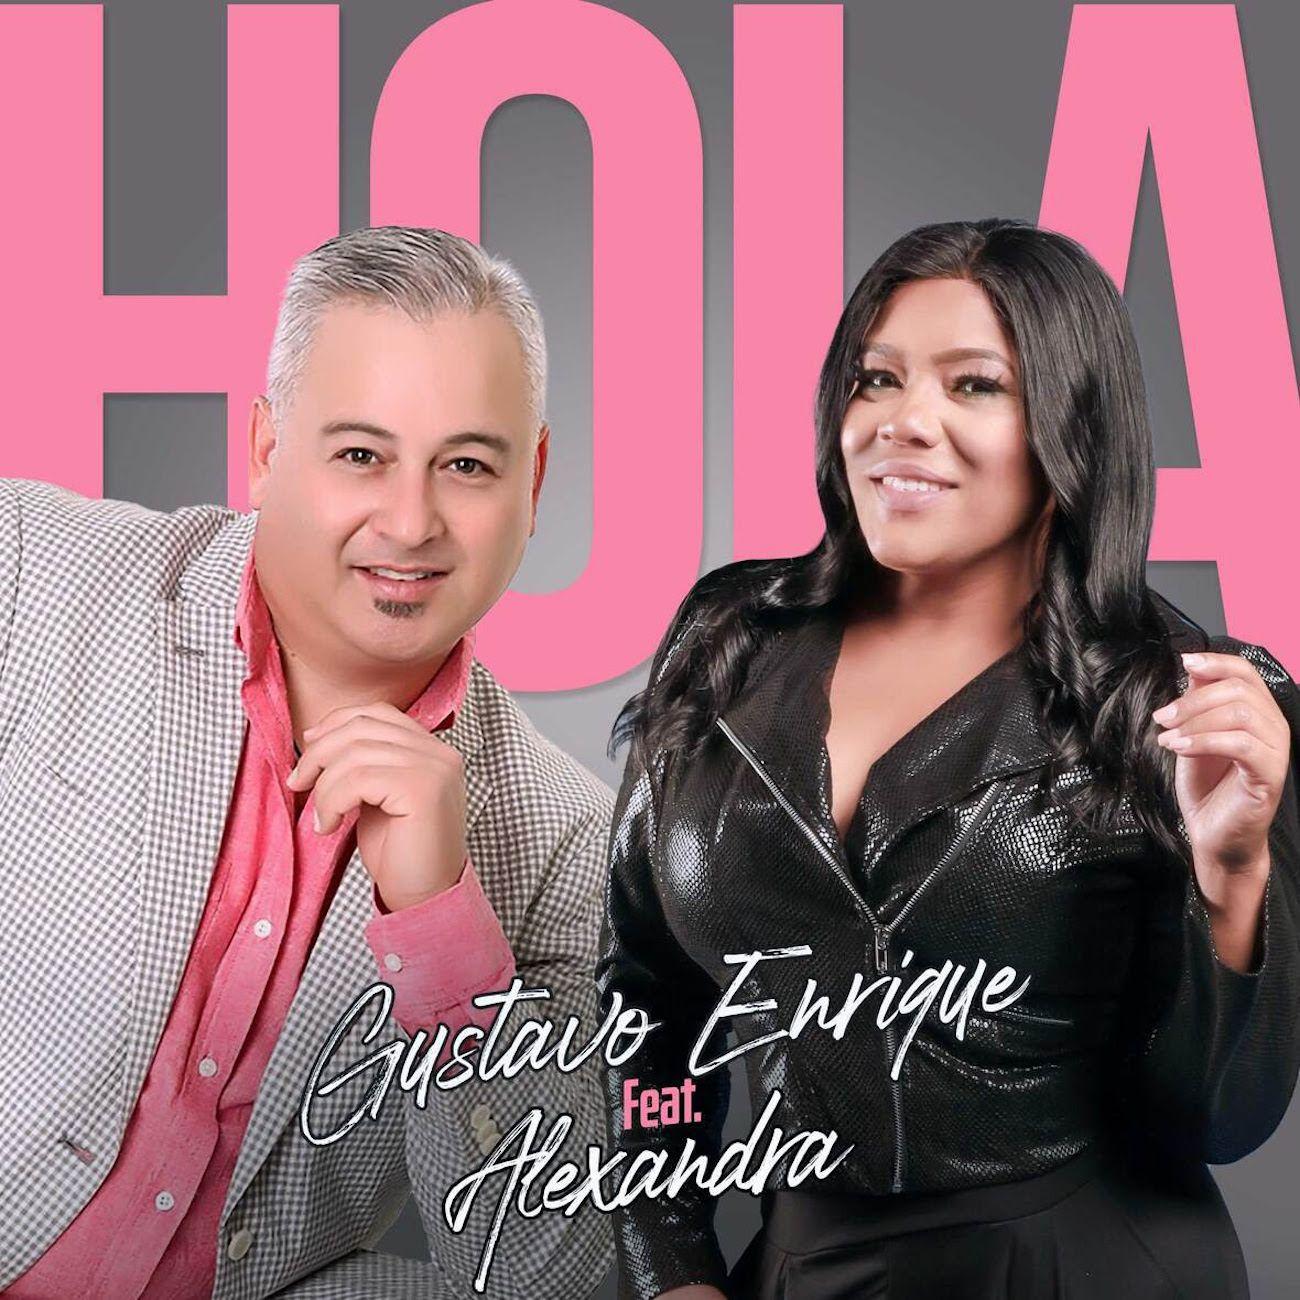 Portada promocional del sencillo Hola, de Gustavo Enrique y Alexandra.